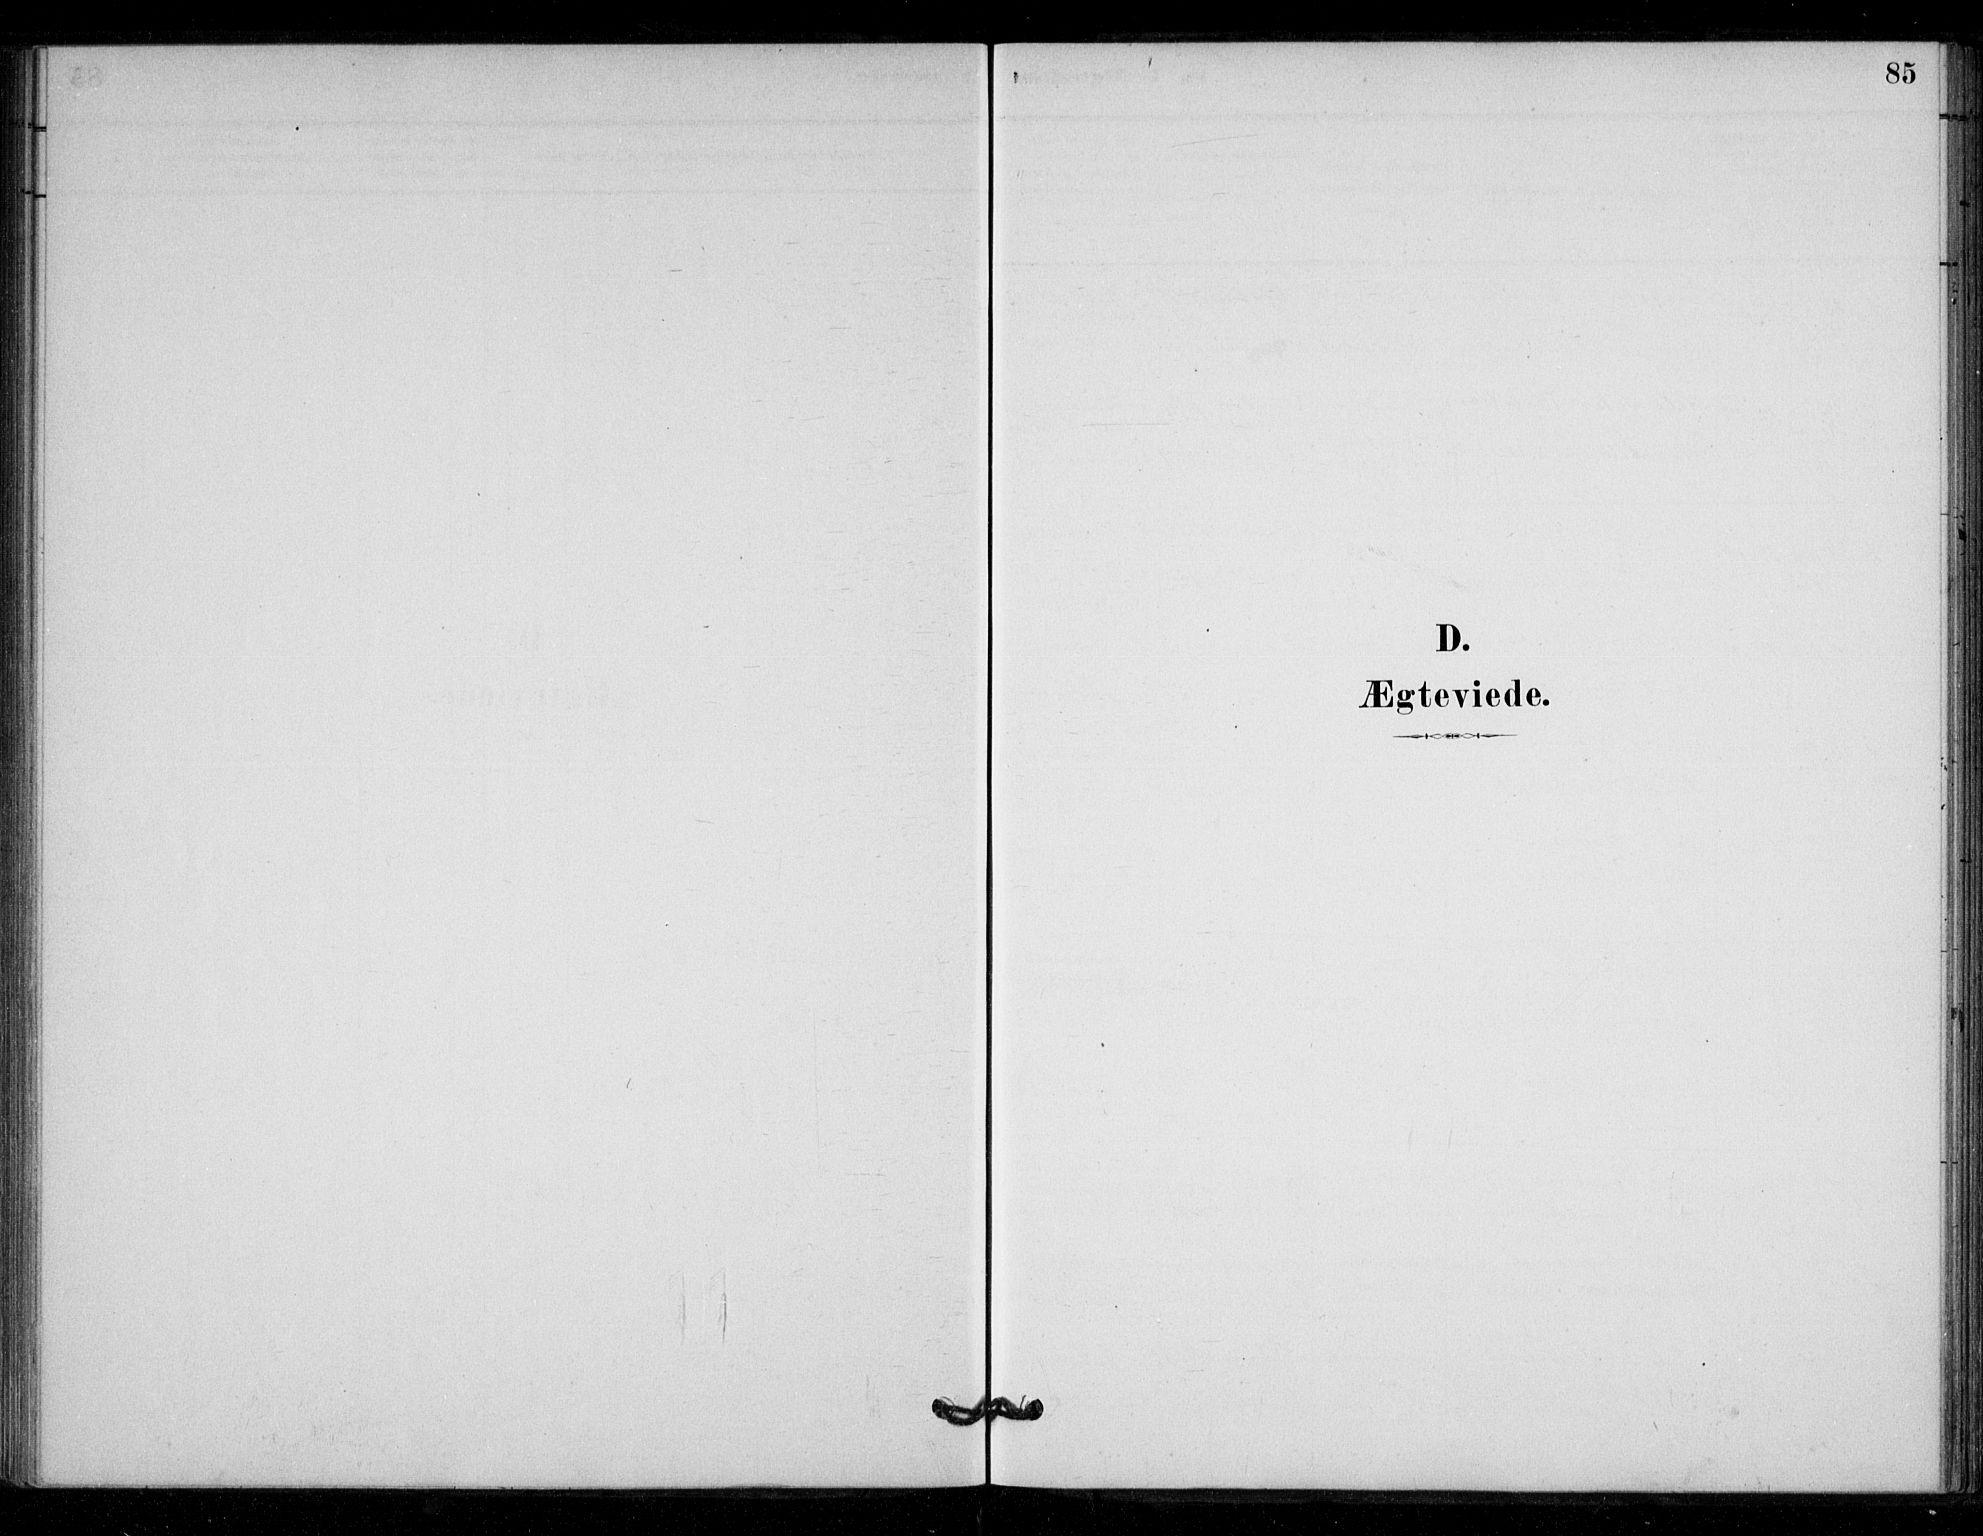 SAT, Ministerialprotokoller, klokkerbøker og fødselsregistre - Sør-Trøndelag, 670/L0836: Ministerialbok nr. 670A01, 1879-1904, s. 85